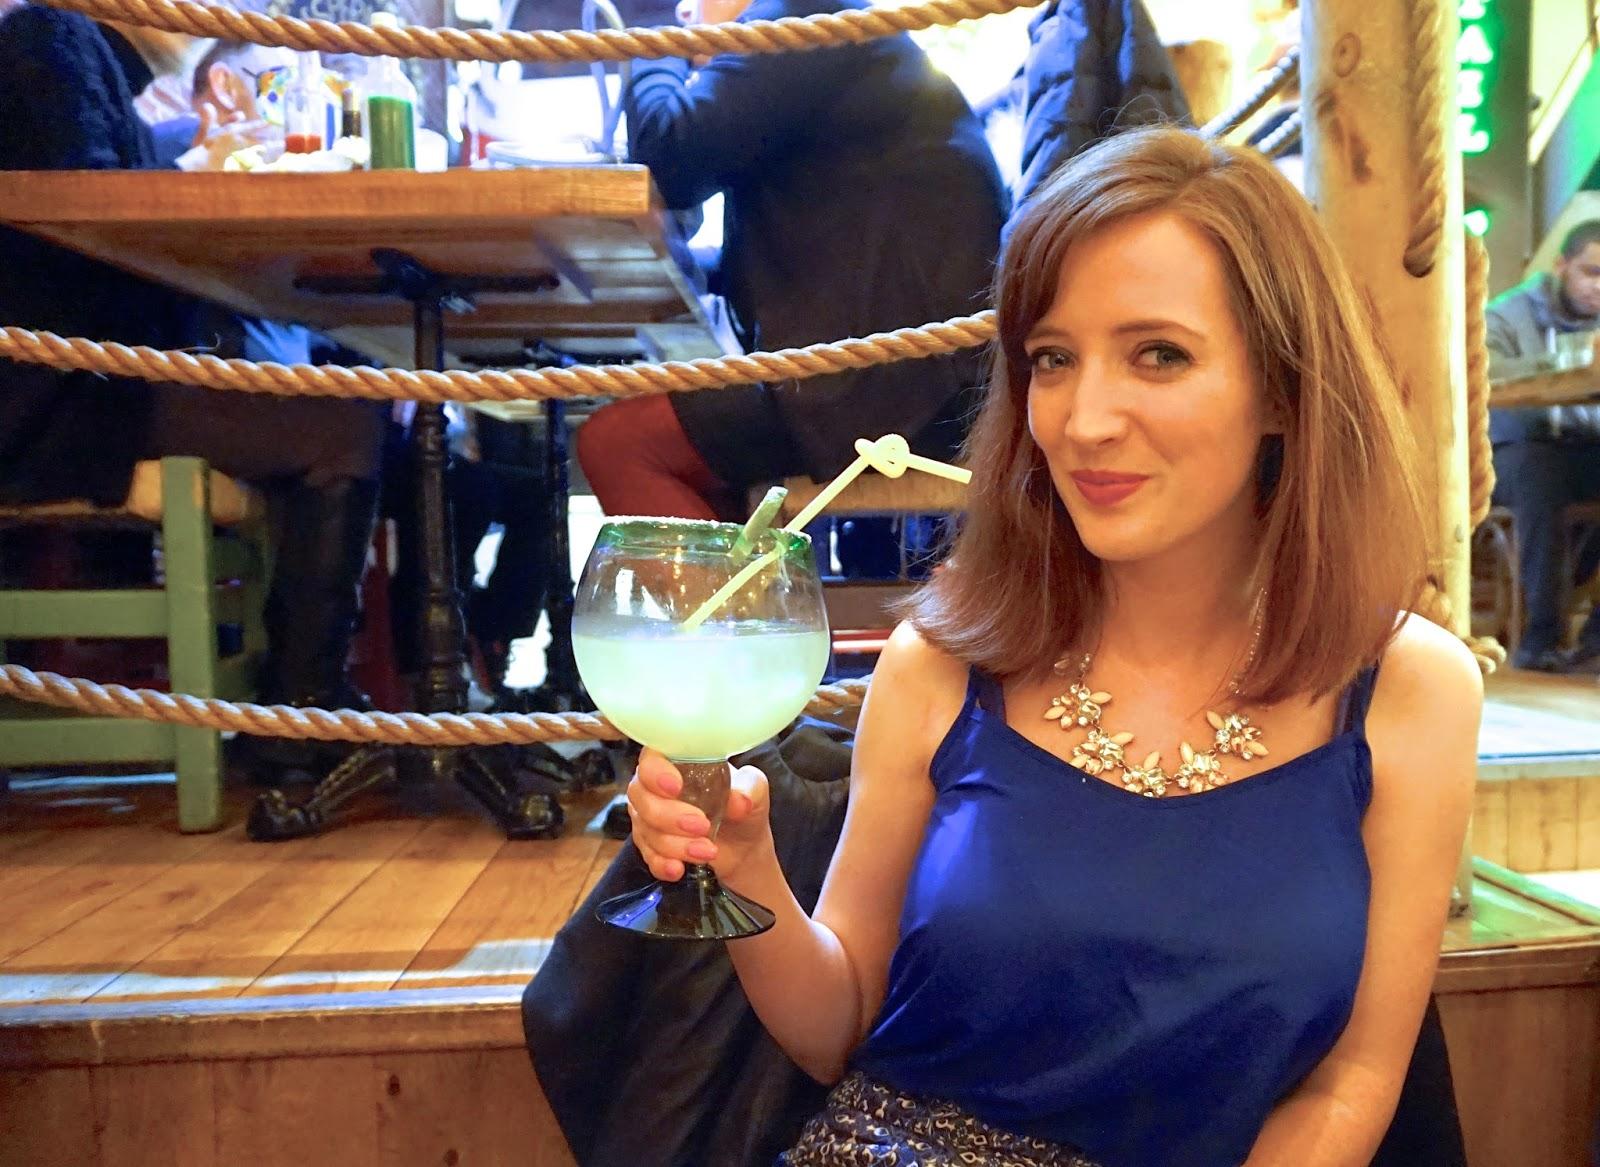 Bec Boop margarita cocktail review